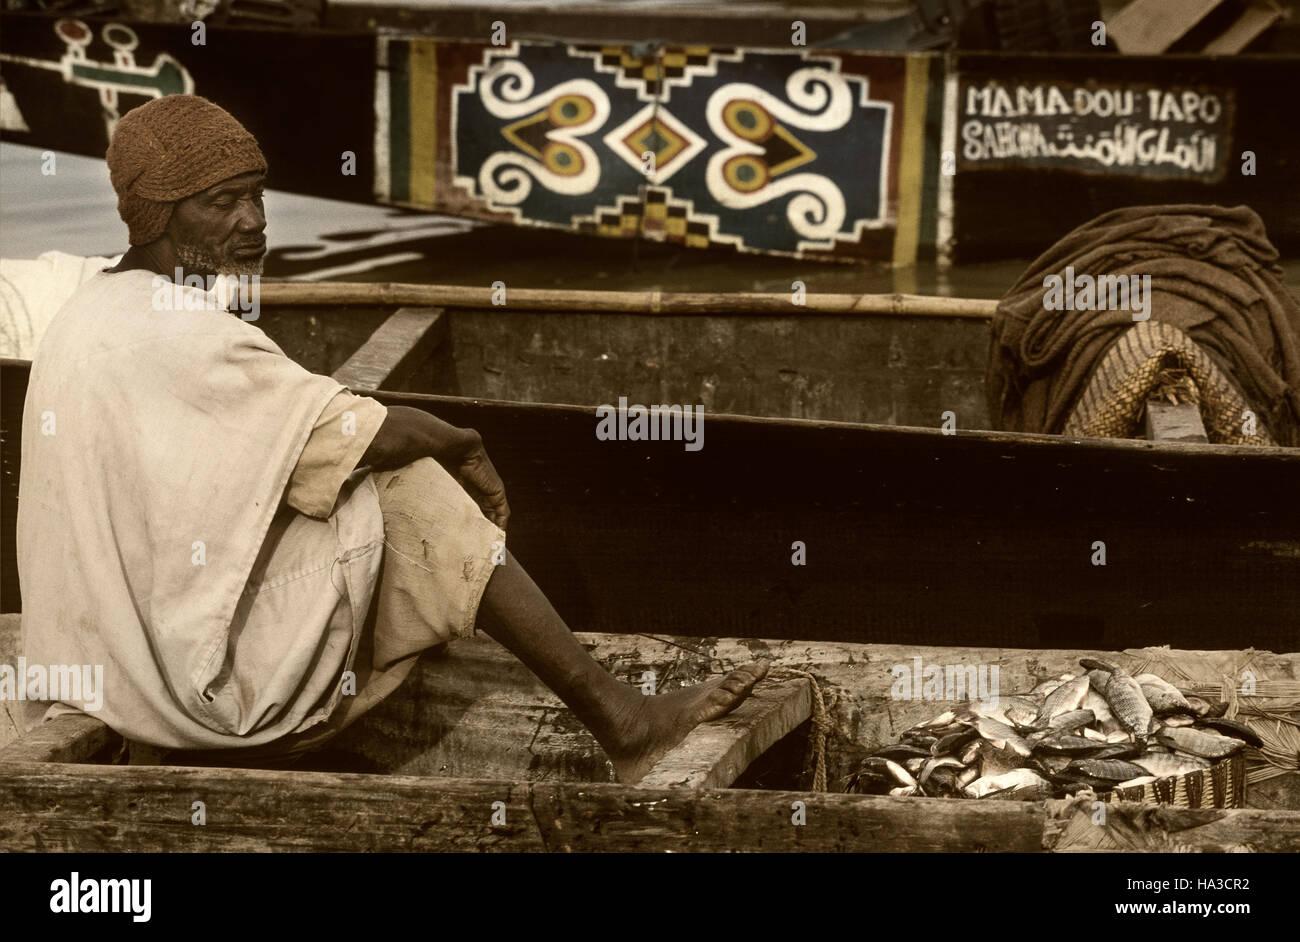 Mopti, Mali, Africa - Gennaio, 26, 1992 - Il Fiume Bani confluisce nel fiume Niger, piroghe e mercati del pesce Foto Stock